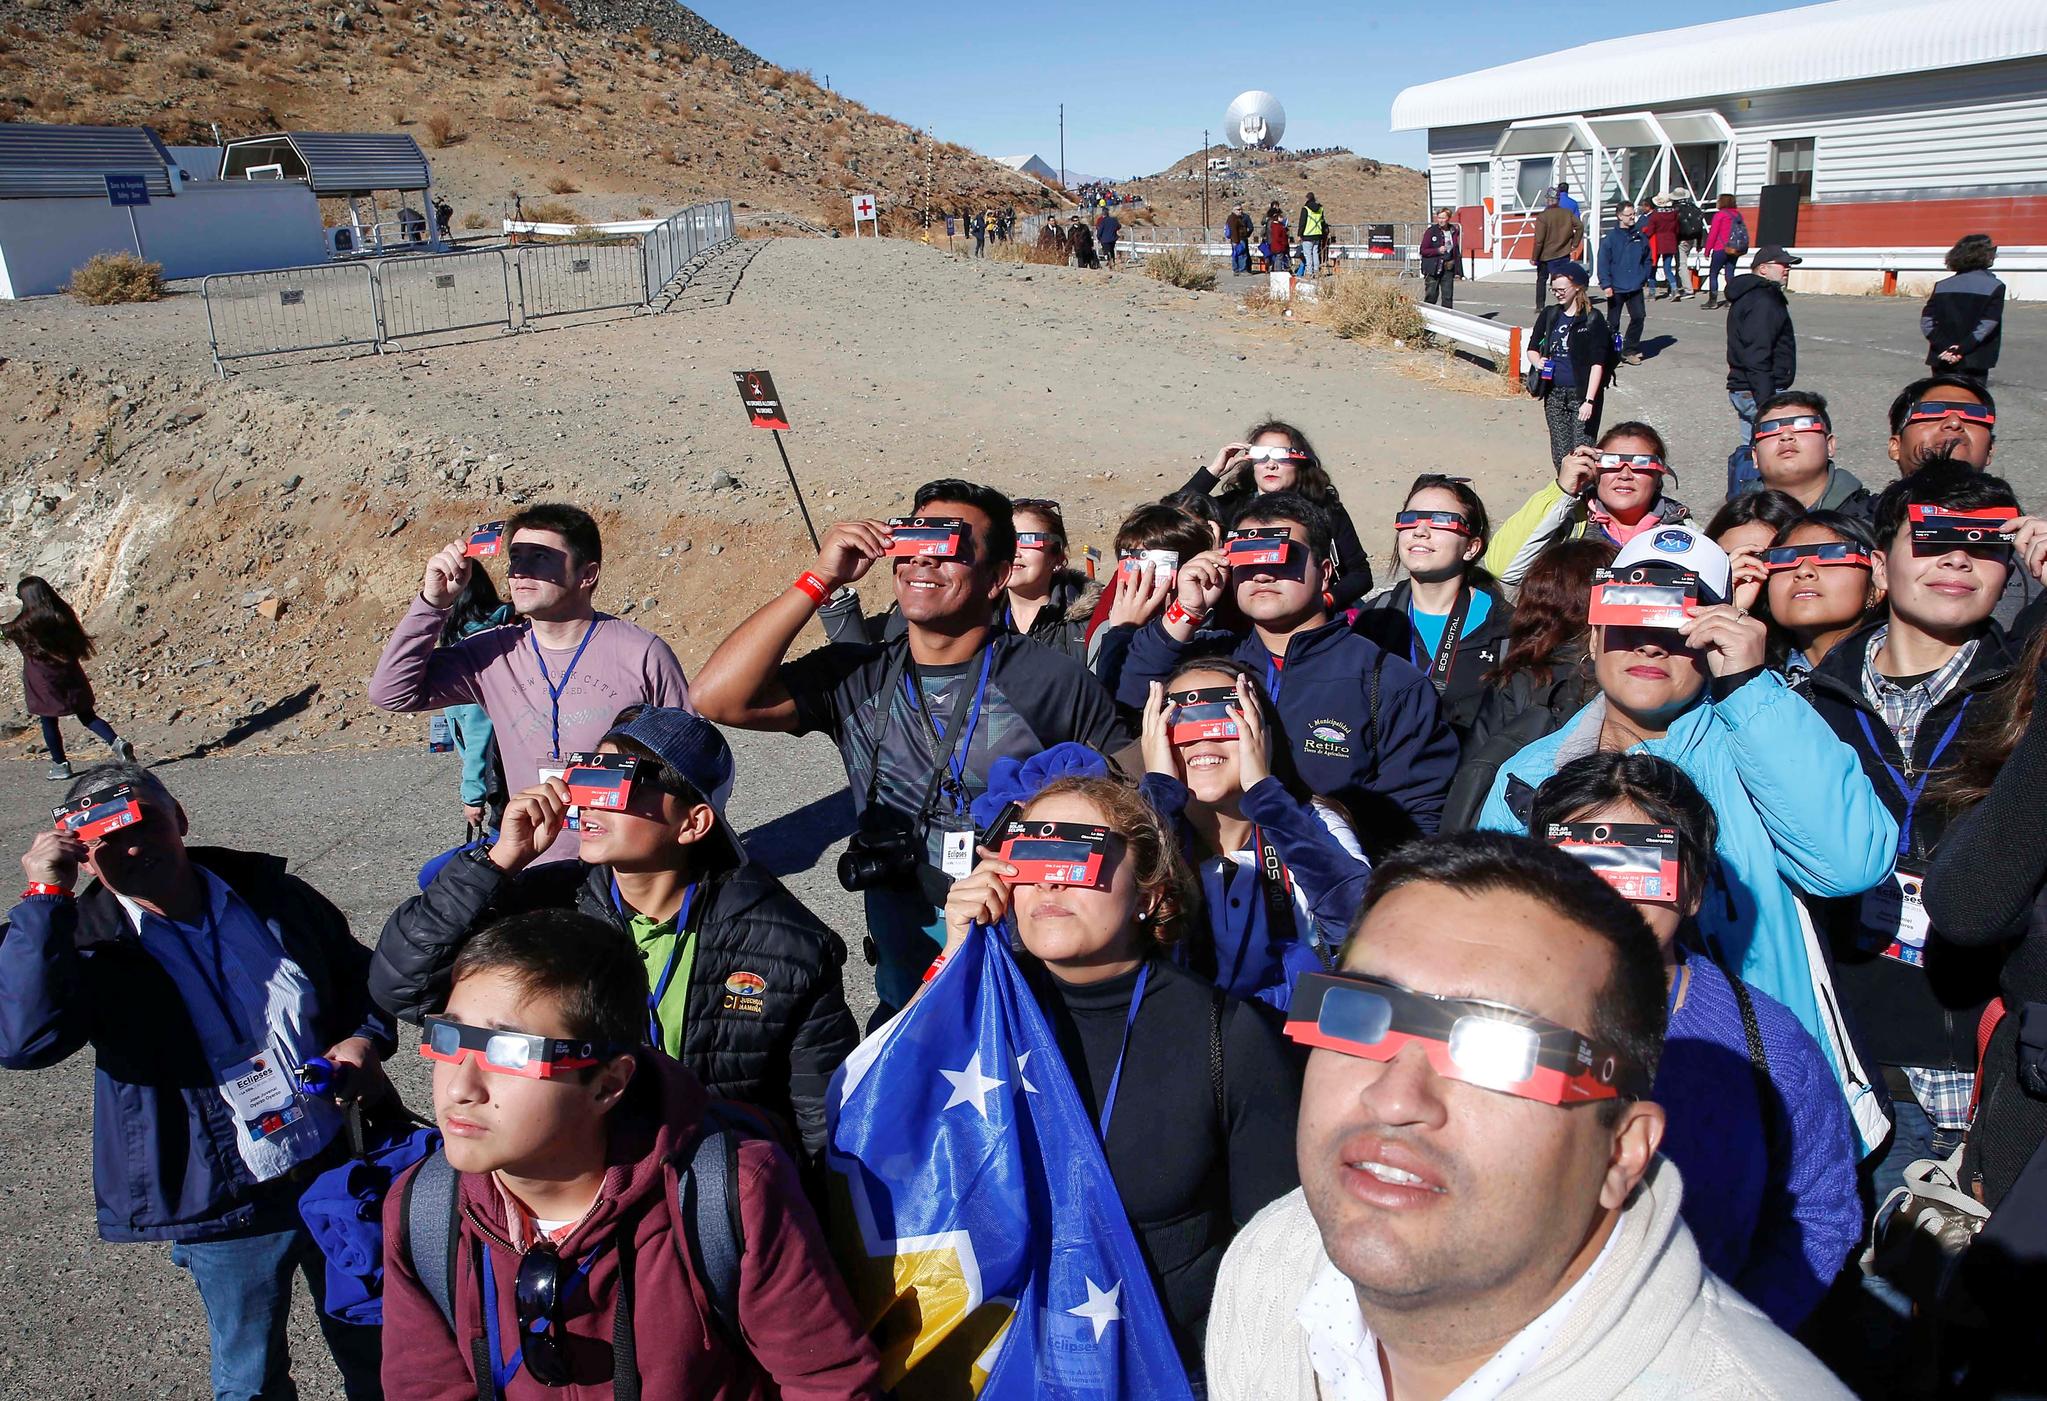 2일(현지시간) 칠레에 있는 유럽남방천문대(ESO) '라 시쟈'(La Silla) 관측소에서 관광객들이 개기일식을 관측하고 있다.[로이터=연합뉴스]